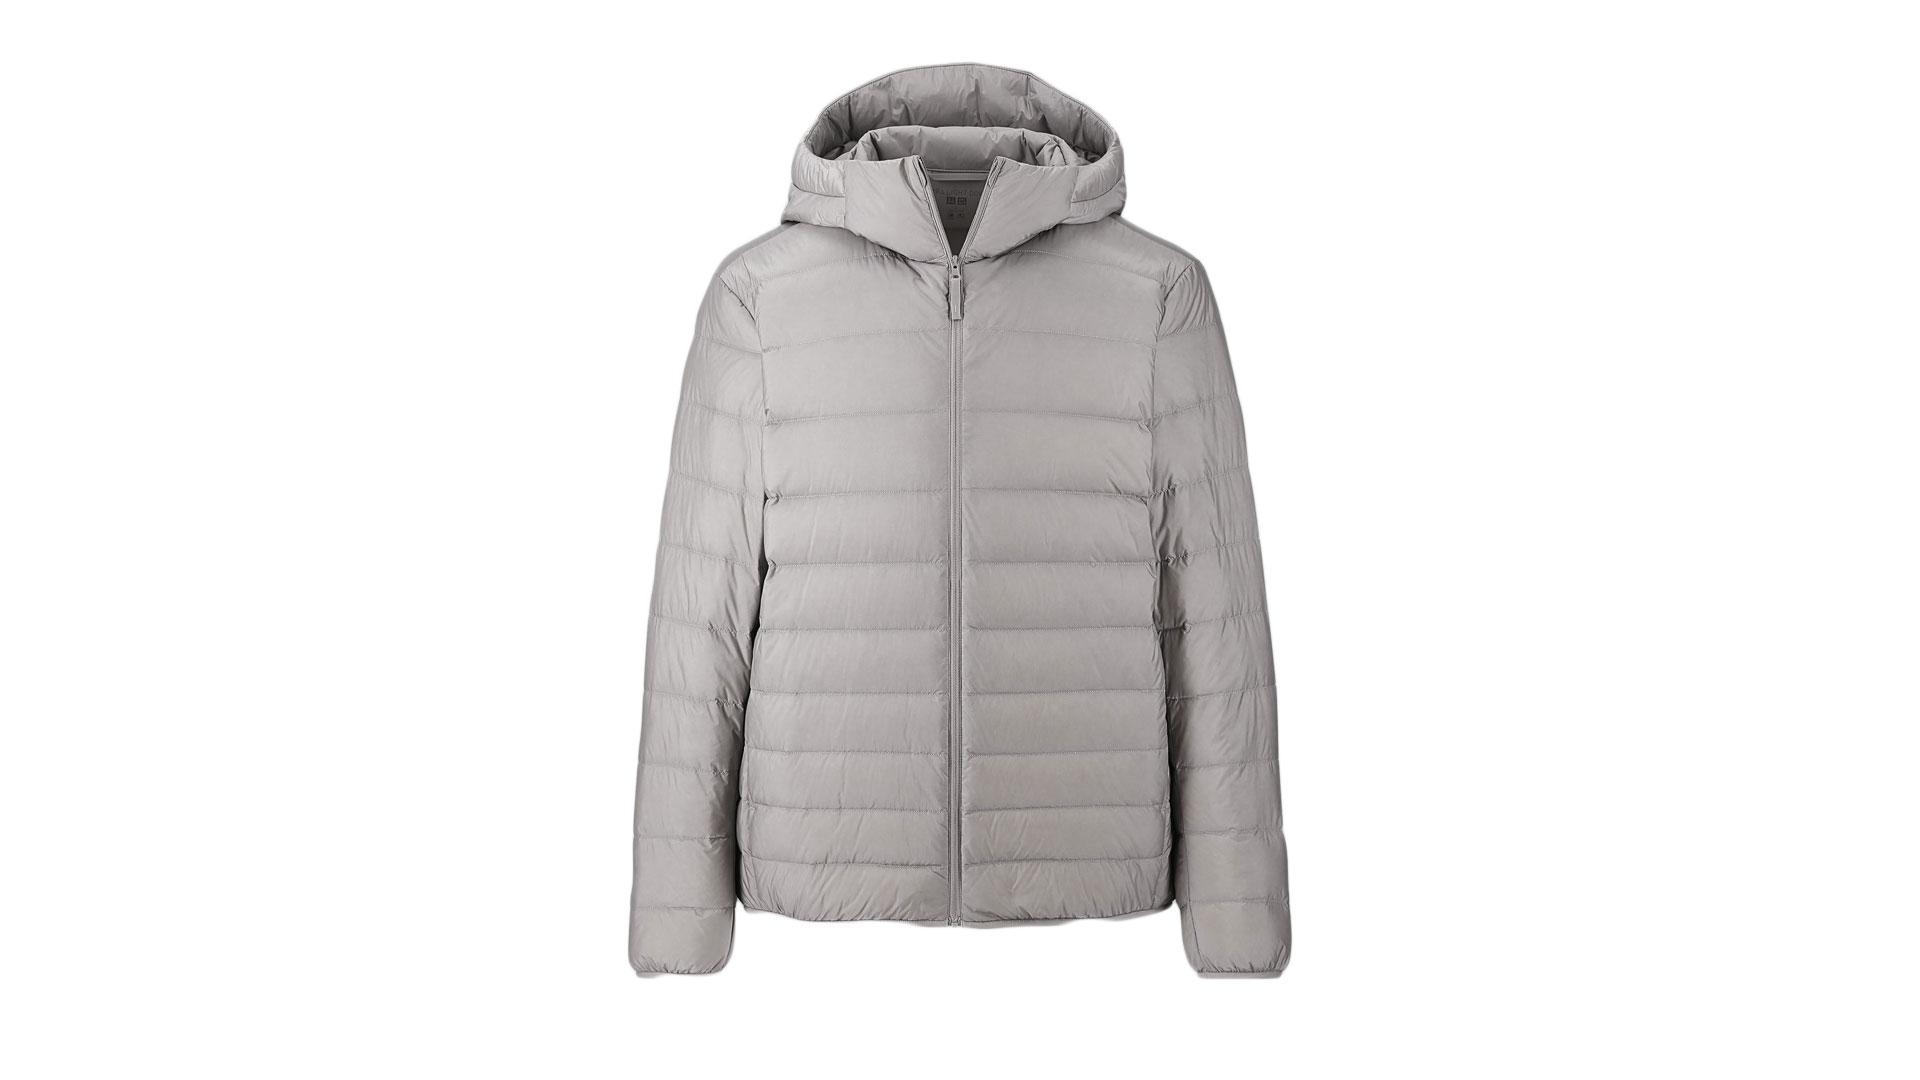 warm winter coat ultralight down jacket